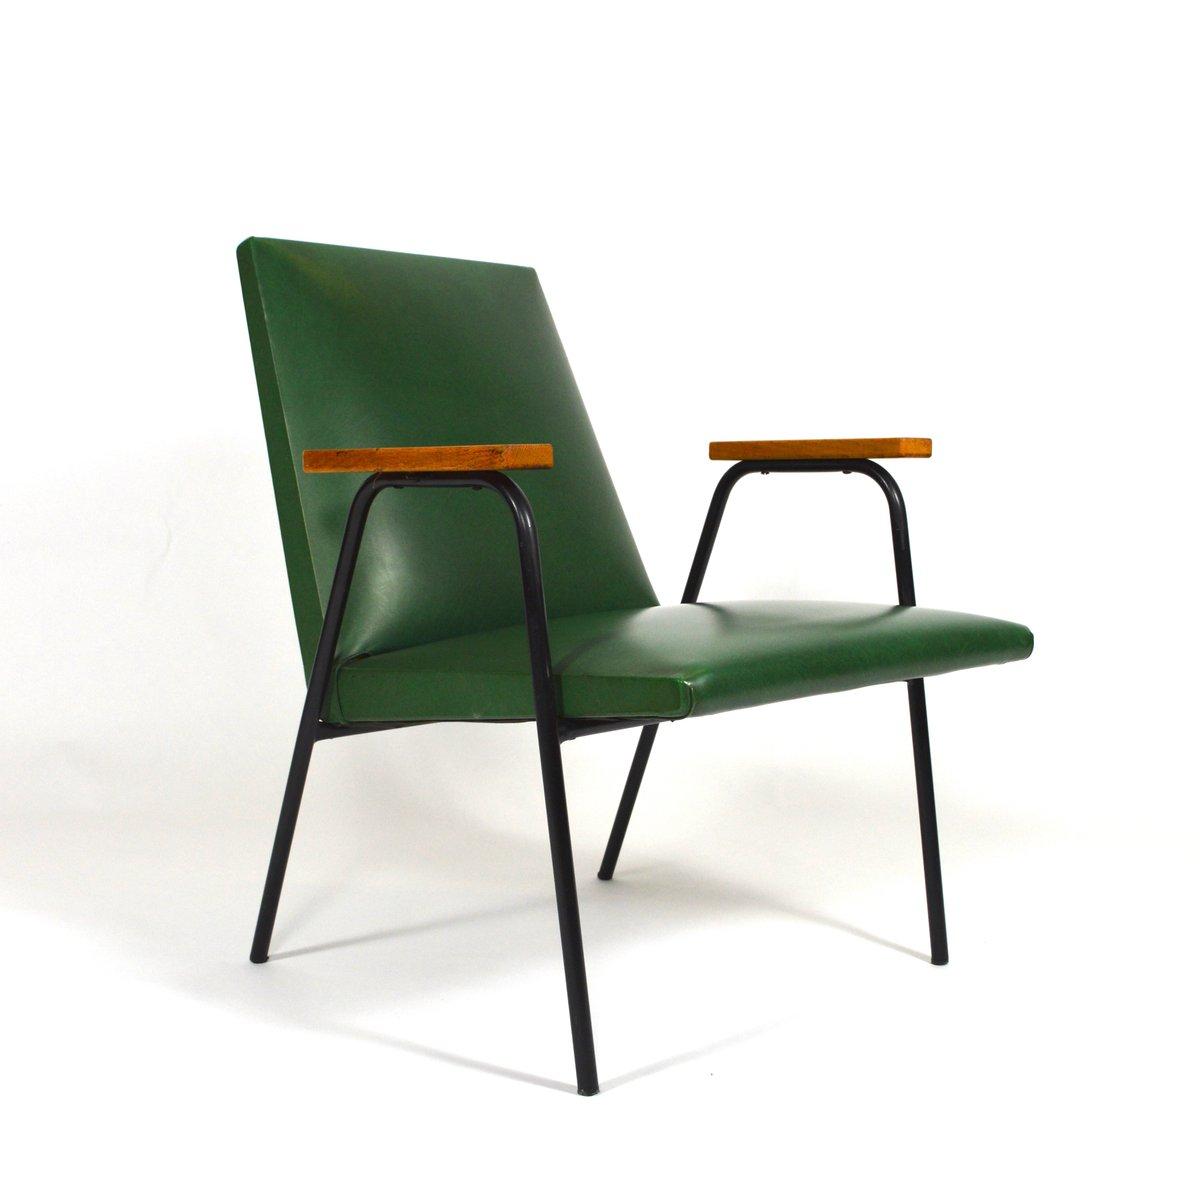 fauteuil en ska vert par pierre guariche 1950s en vente sur pamono. Black Bedroom Furniture Sets. Home Design Ideas